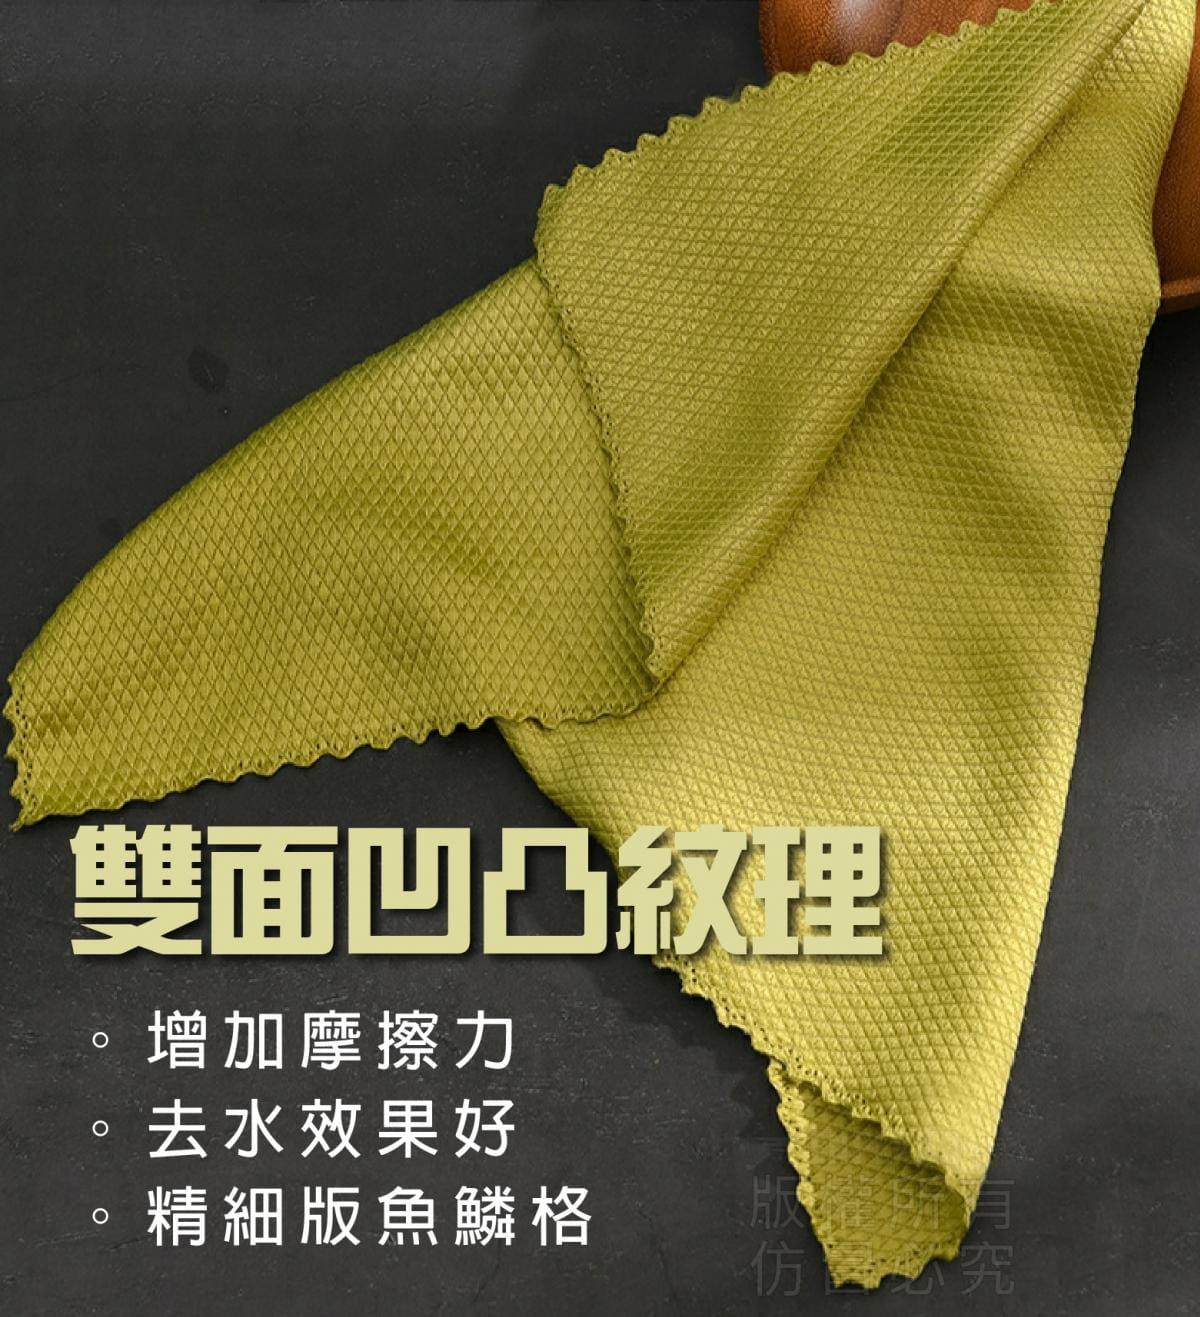 魚鱗紋抹布(20入) 2